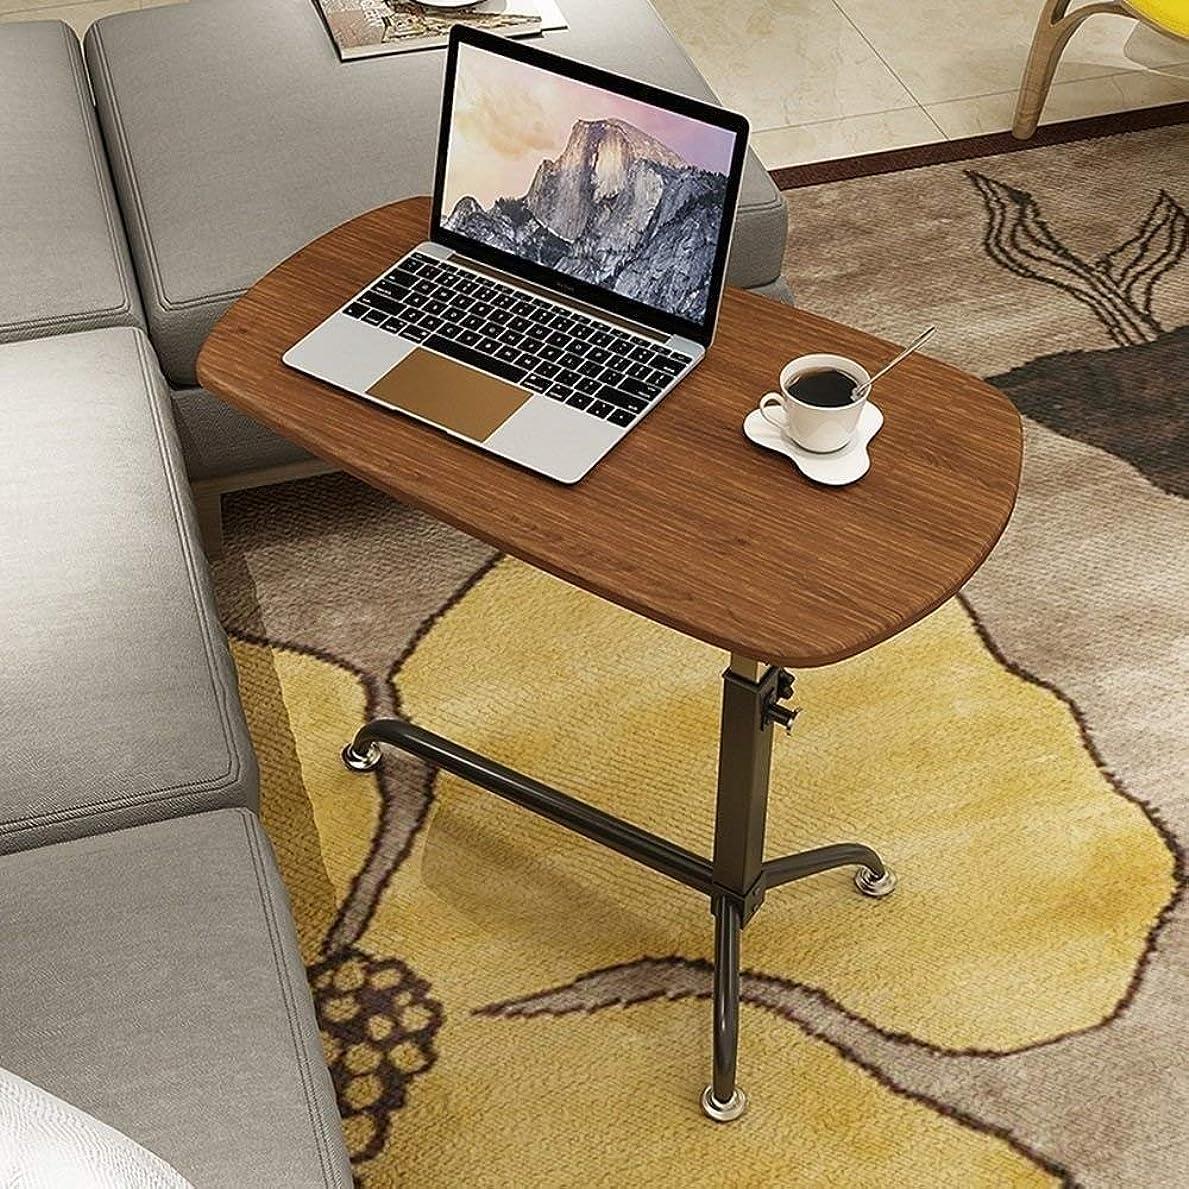 支援するエステートフルートNosterappou 持ち上がる移動式テーブル、簡単な地位の持ち上がるプラットホーム、コンピュータ折るテーブル、持ち上がる範囲67-98.5cm